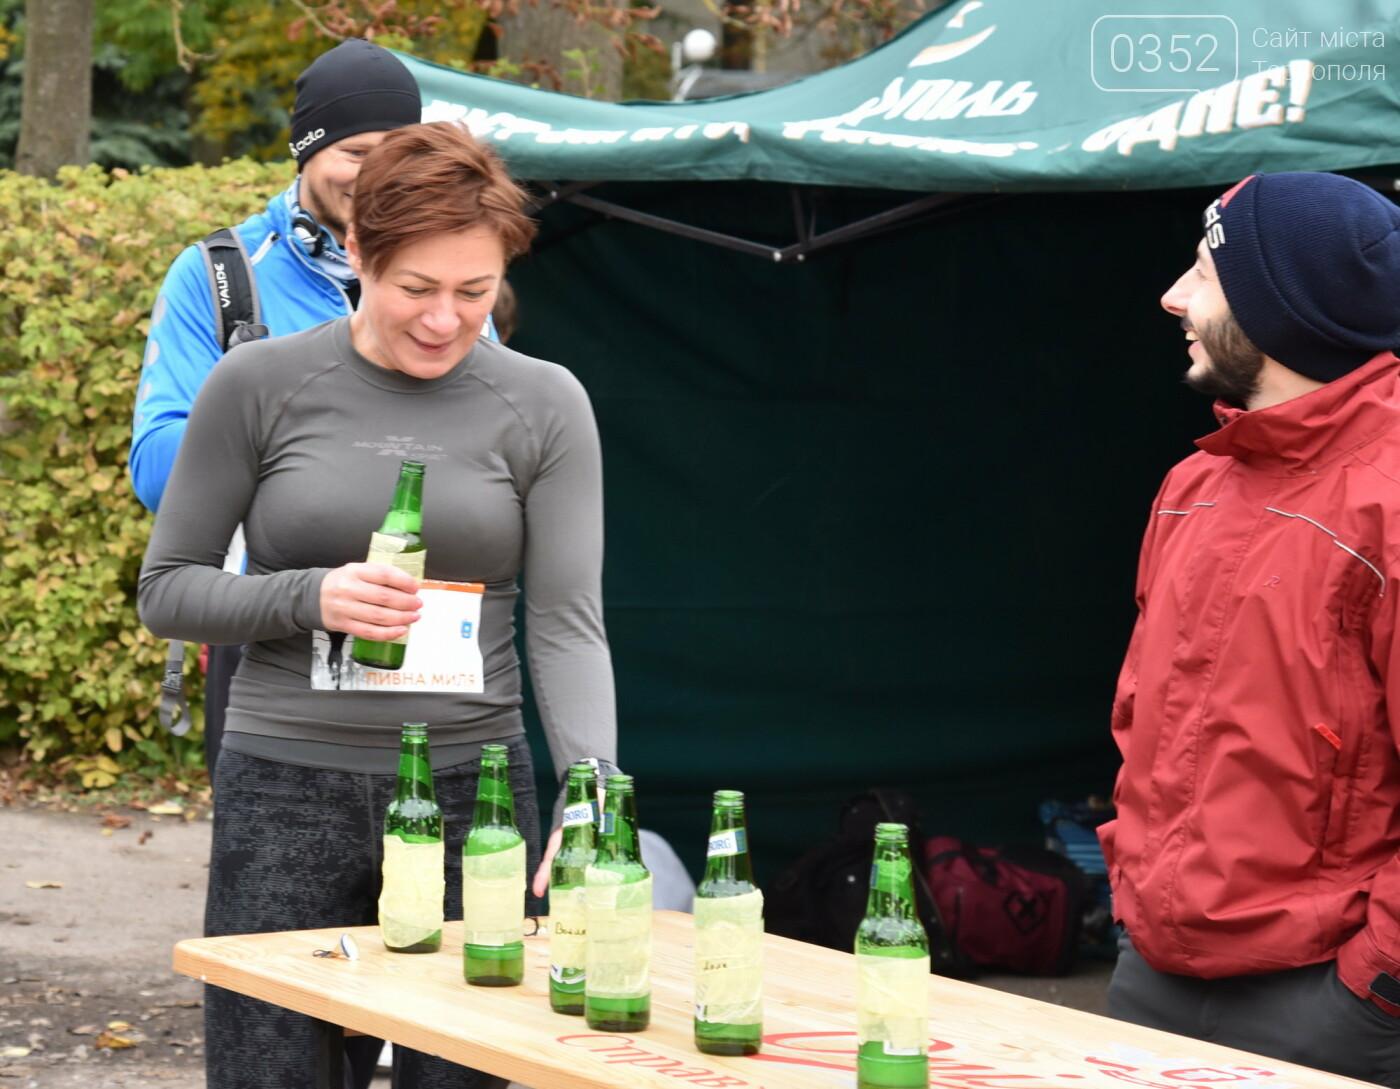 У Тернополі на «Пивній милі», де треба було пити пиво під час бігу, фінішувати вдалося не всім (Фоторепортаж), фото-3